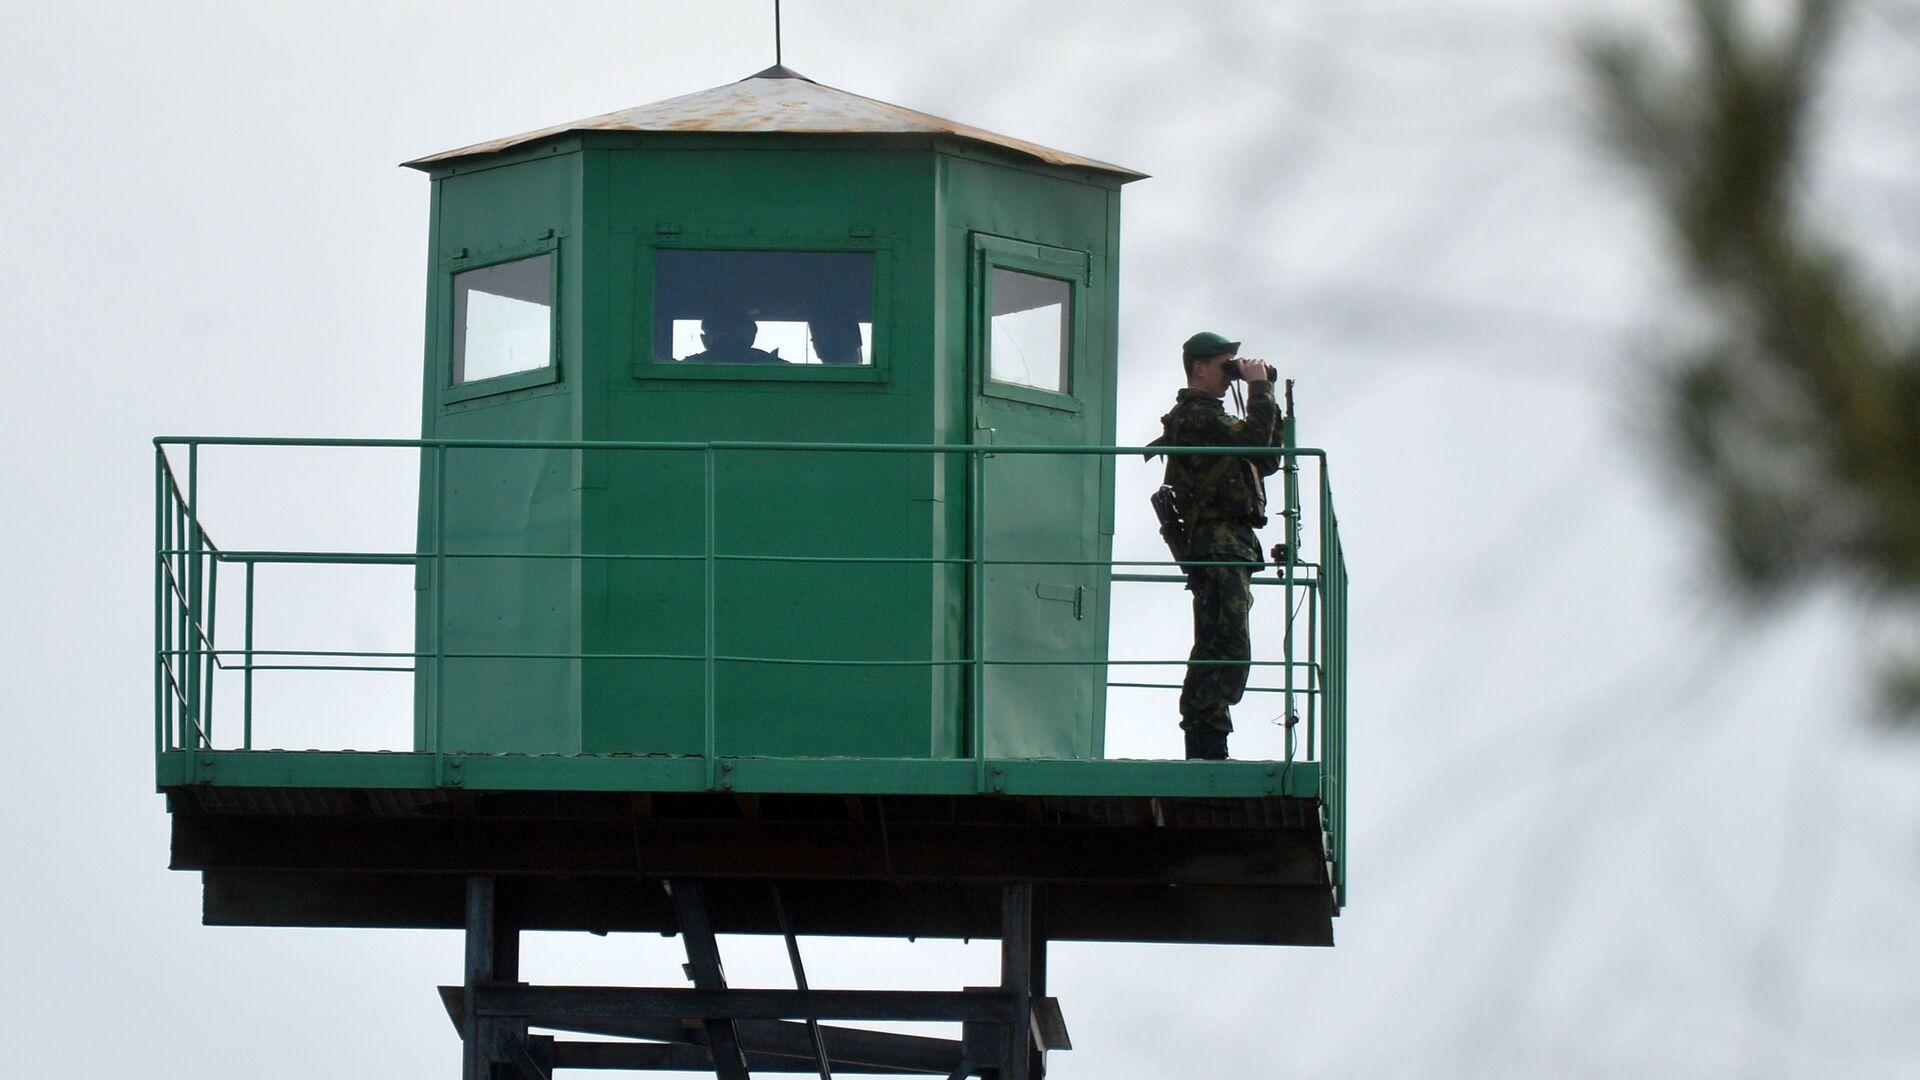 Пограничная вышка наблюдения на на белорусско-украинской границе - РИА Новости, 1920, 02.07.2021